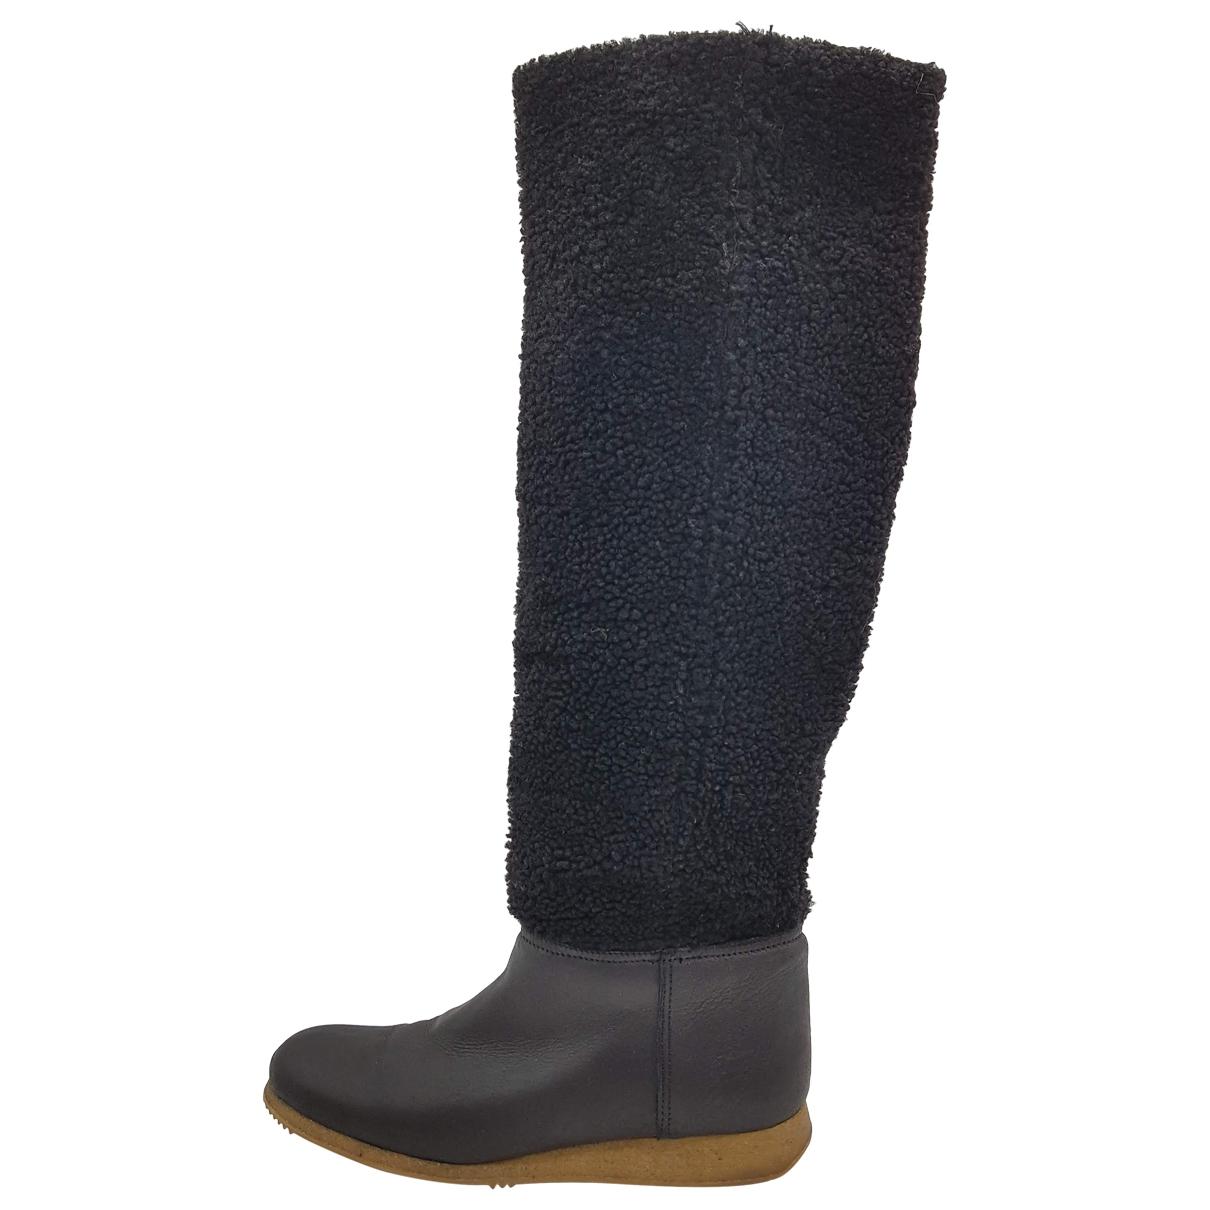 Carshoe - Bottes   pour femme en cuir - noir